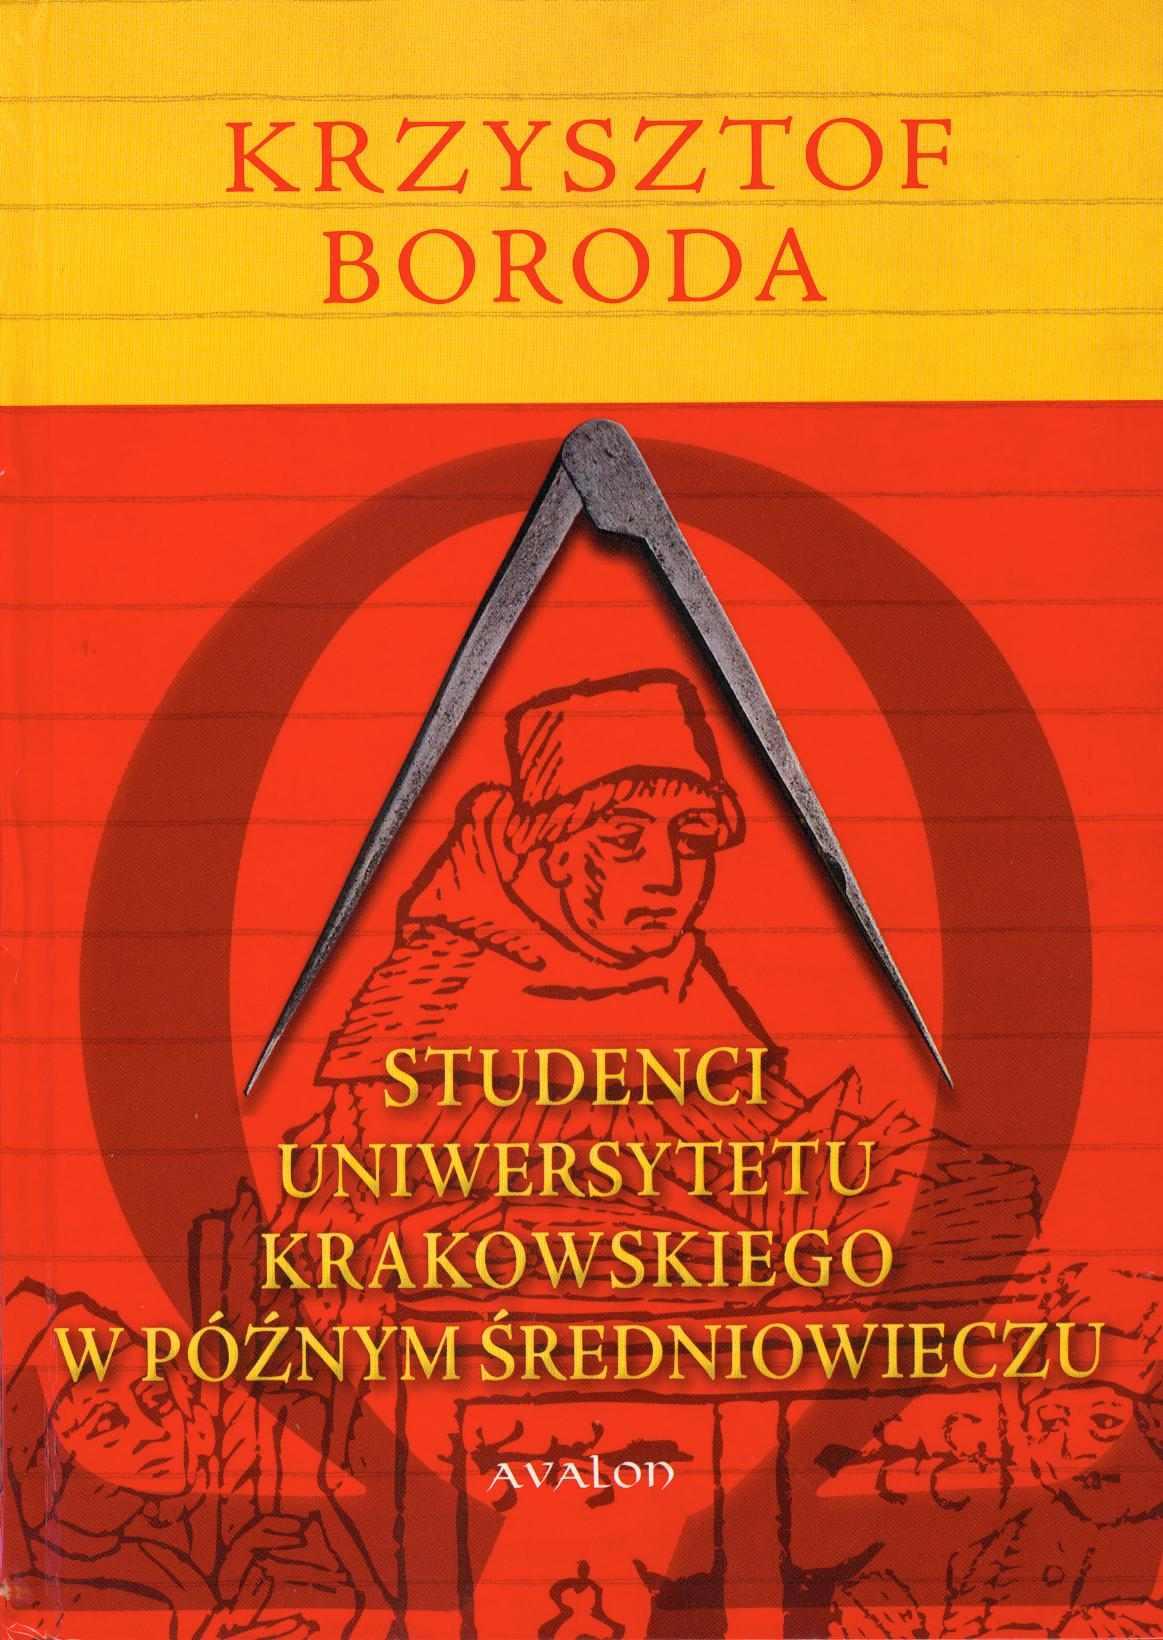 Studenci Uniwersytetu Krakowskiego w późnym średniowieczu - Ebook (Książka PDF) do pobrania w formacie PDF